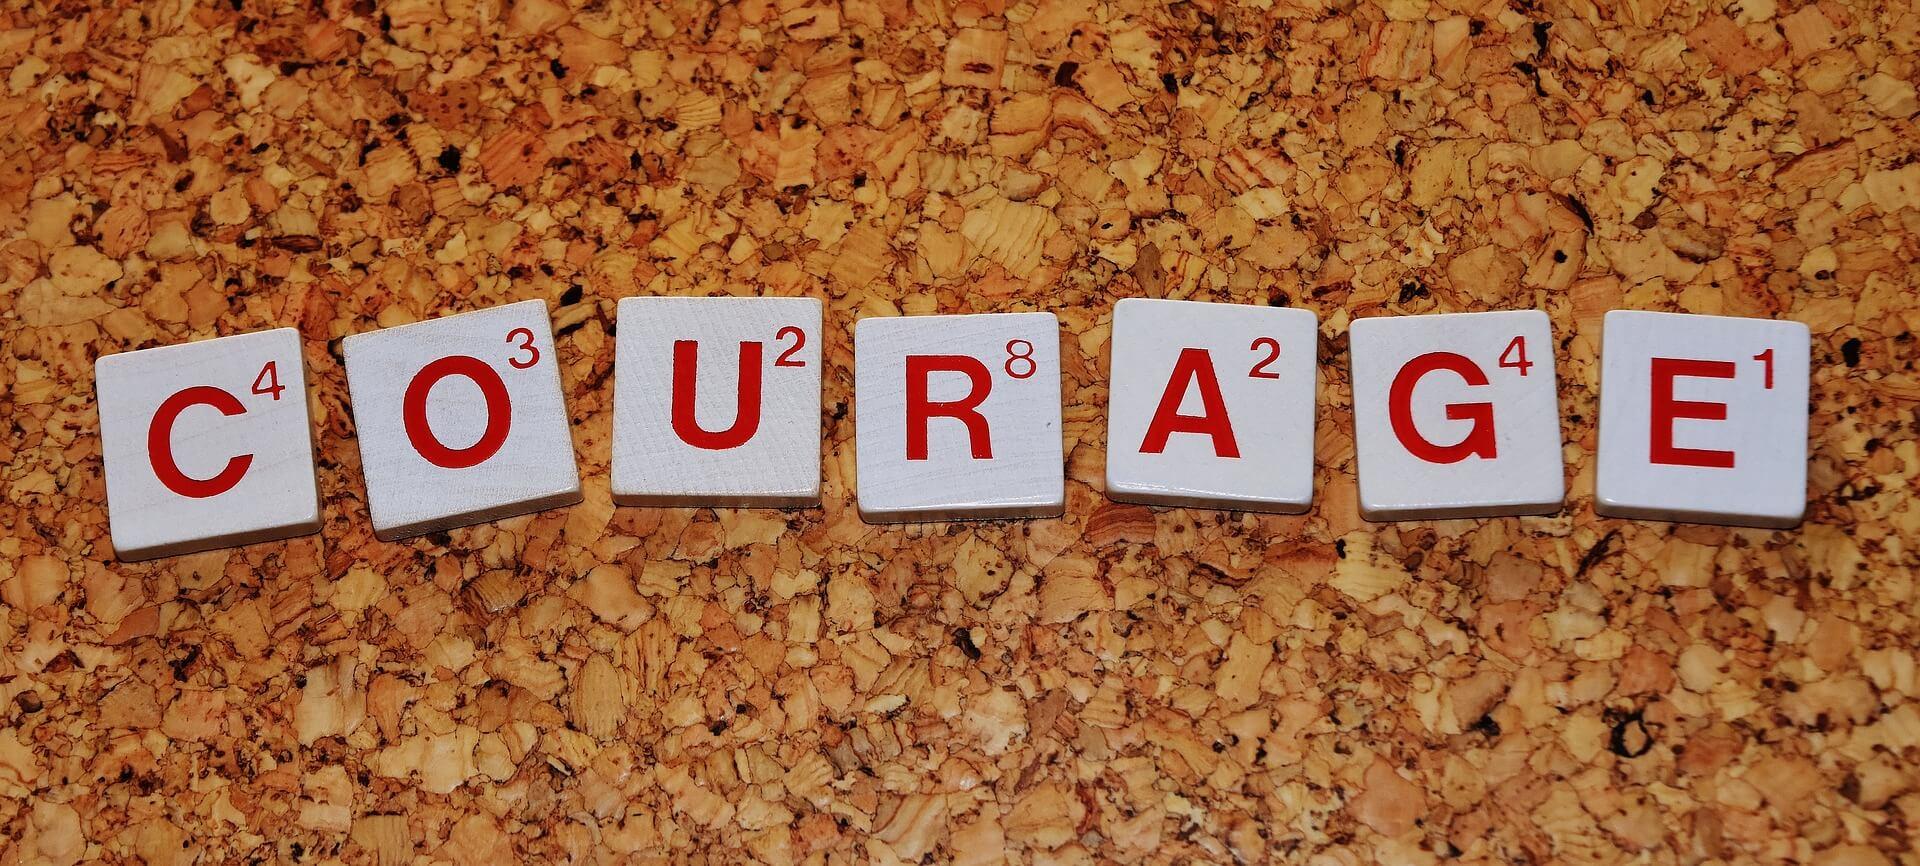 """Symbolbild: """"Kraft, Mut und Besonnenheit!"""": Englisches Wort Courage (übersetzt Kraft) mit Scrabble-Plättchen auf Steinen"""